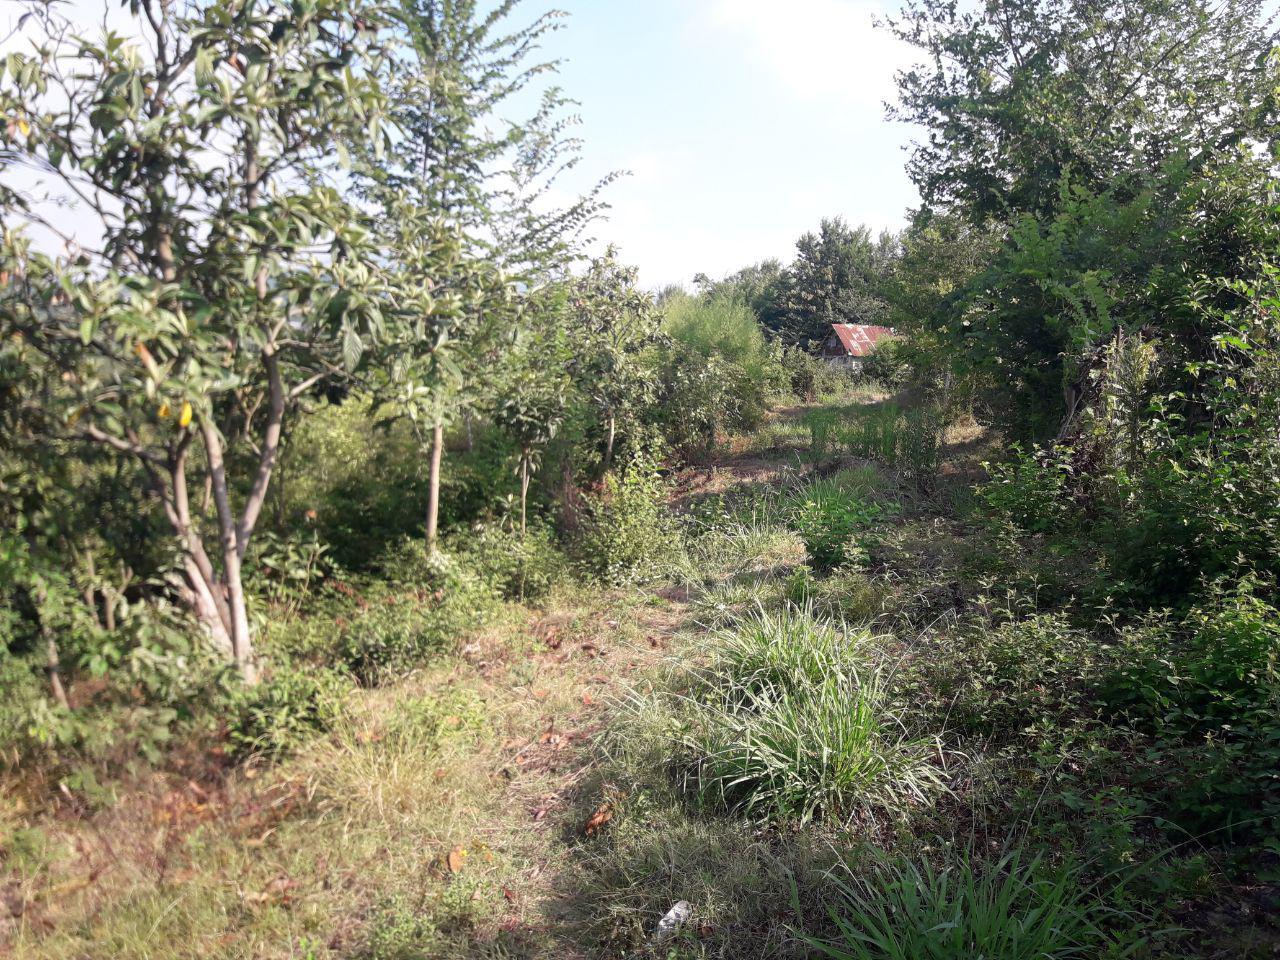 فروش زمین باغ کوهستانی طرح هادی در اطاقور